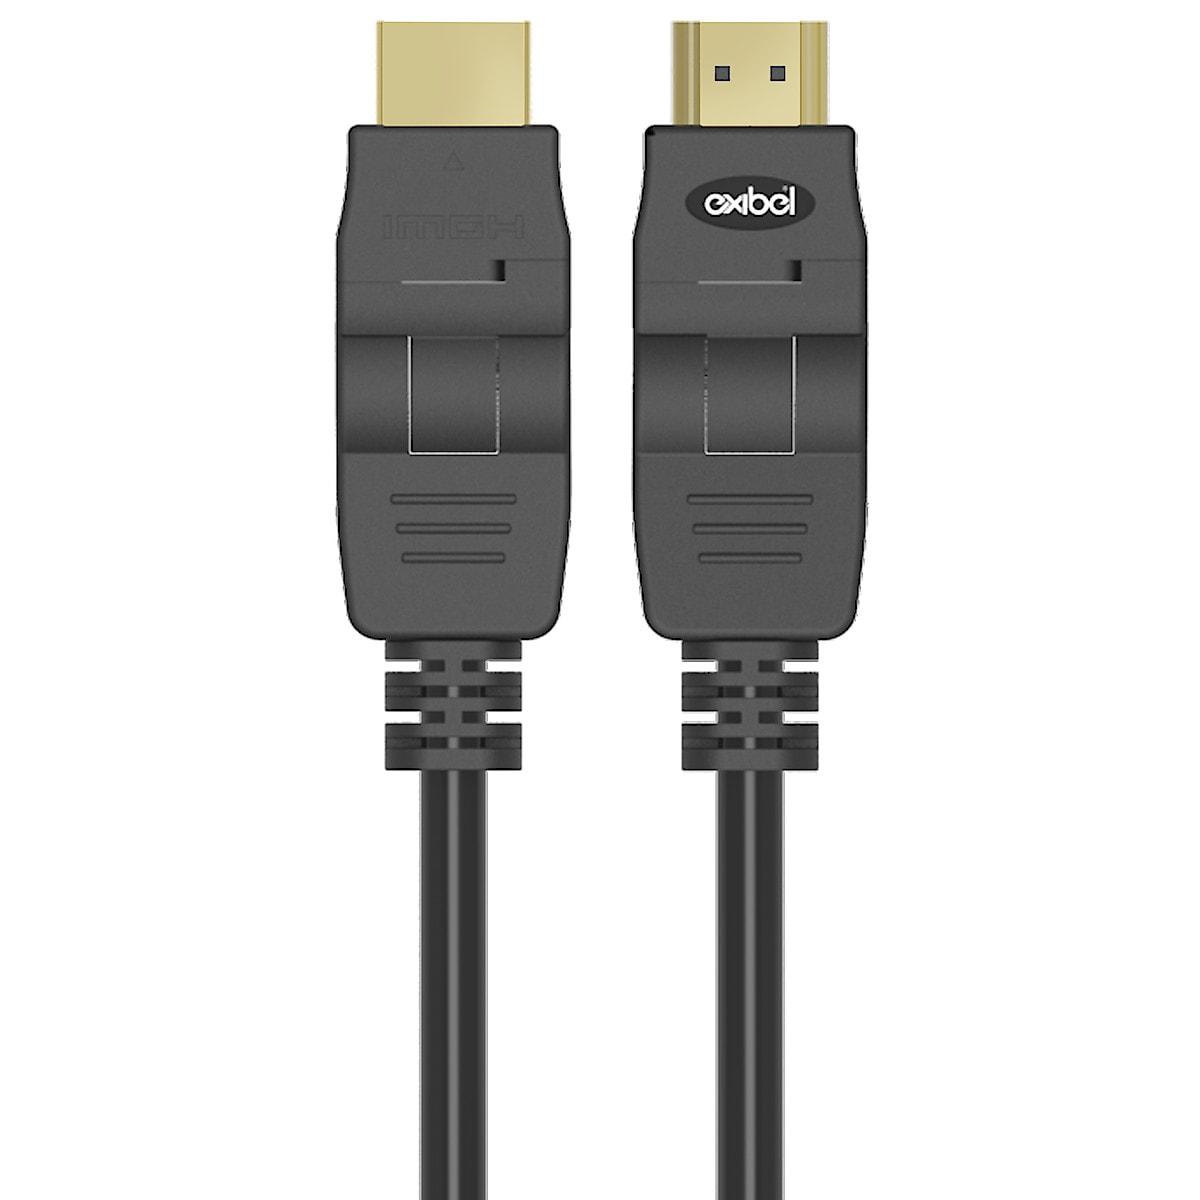 Vinklingsbar HDMI-kabel Exibel